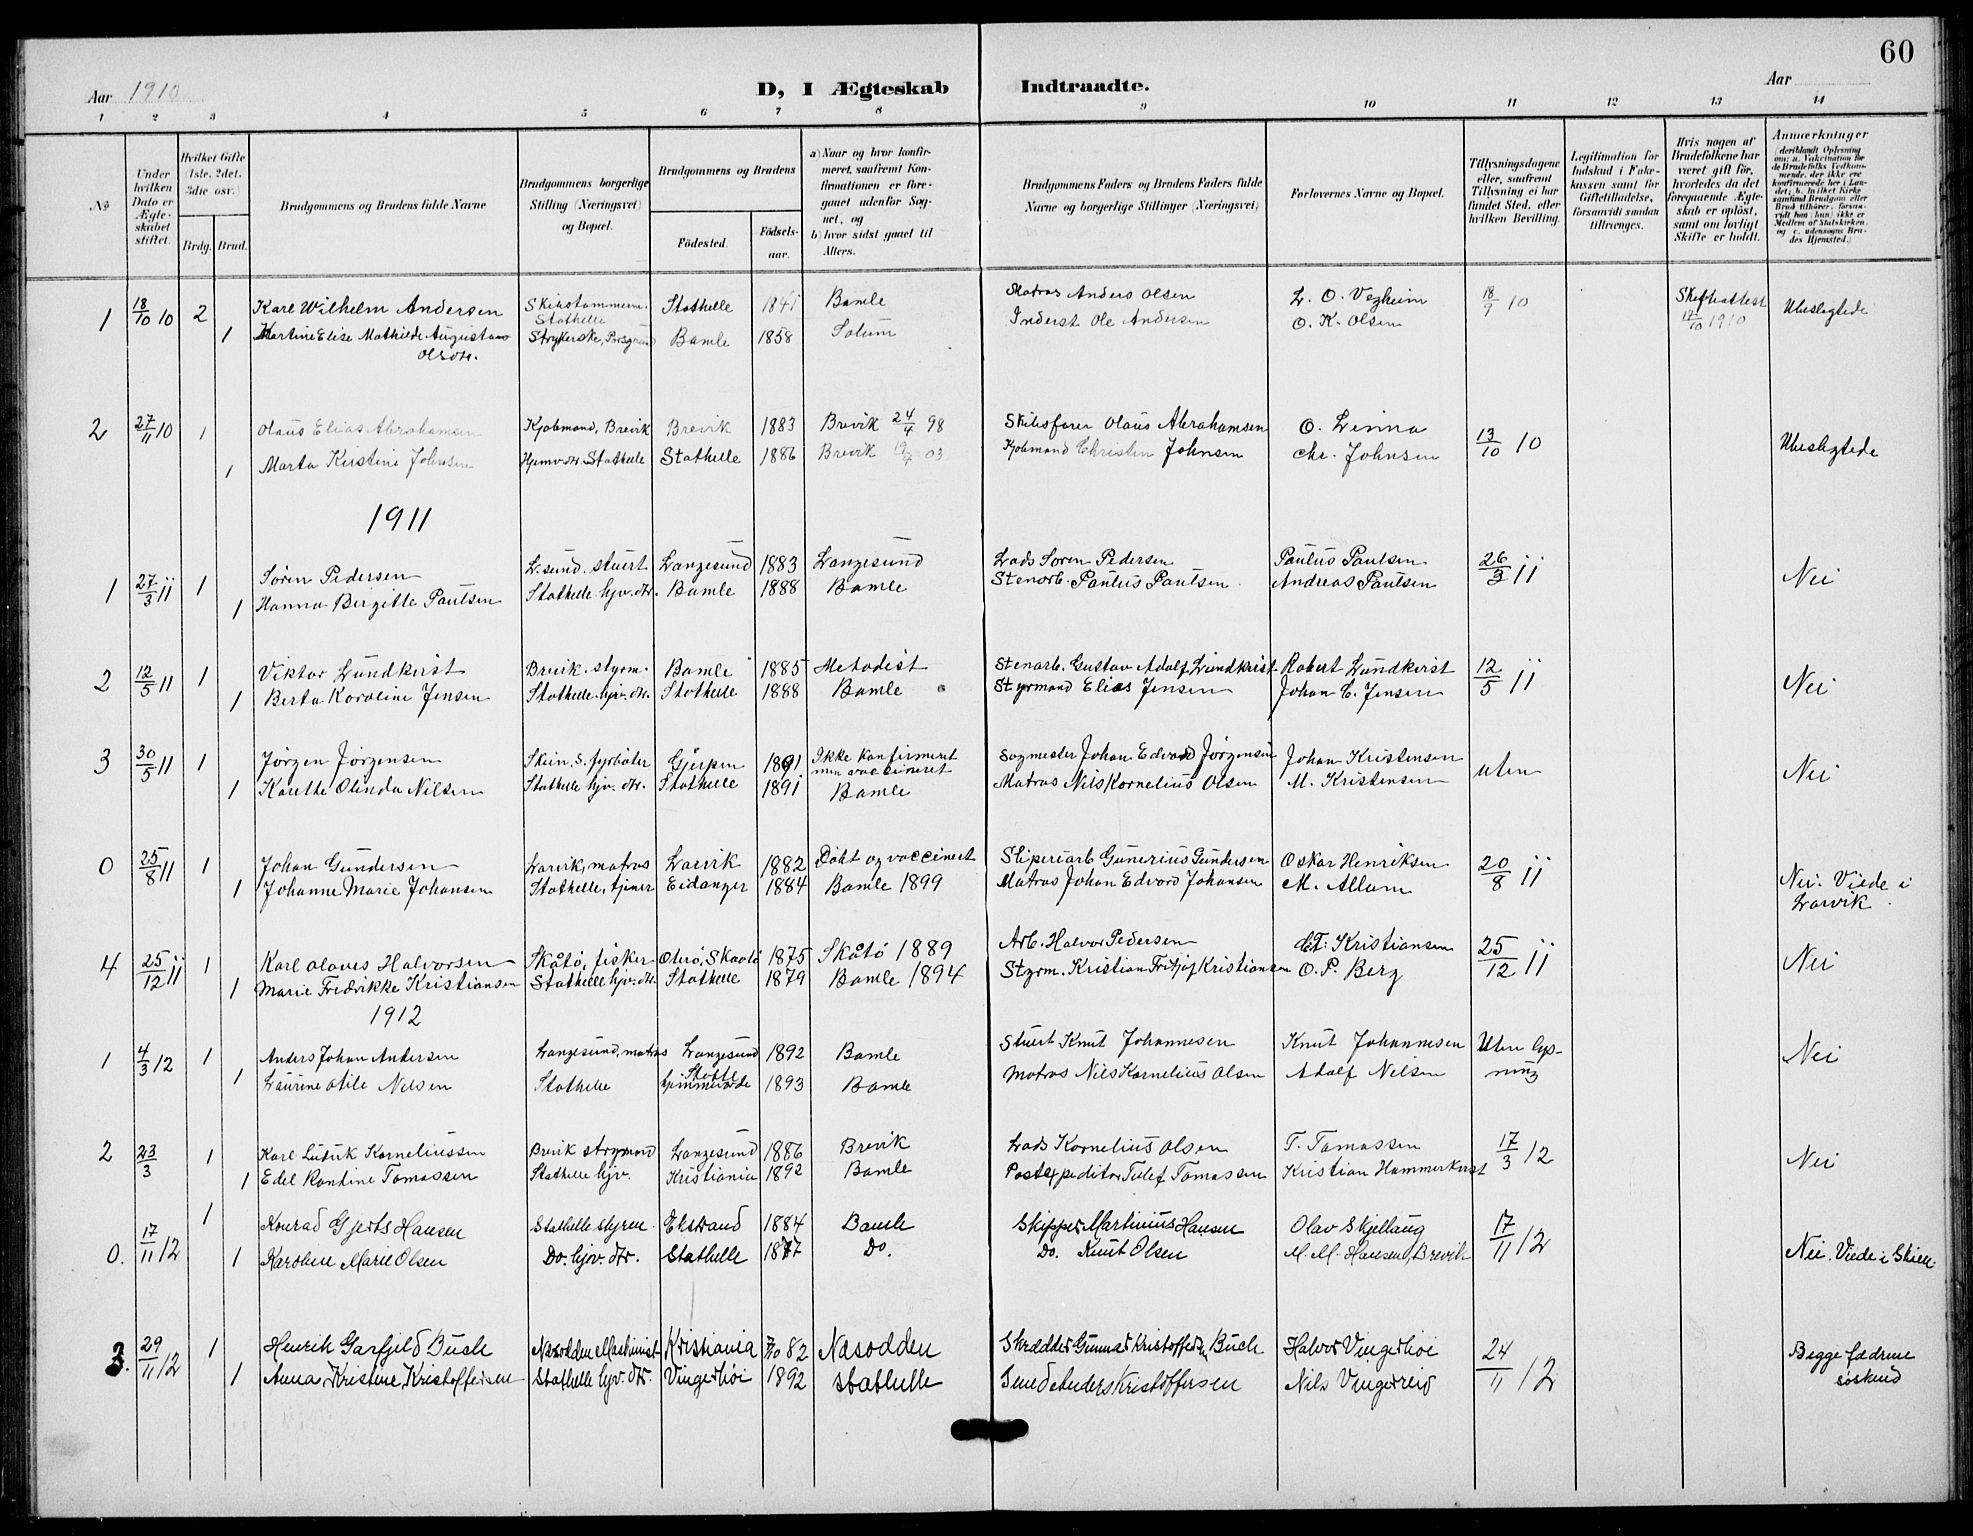 SAKO, Bamble kirkebøker, G/Gb/L0002: Klokkerbok nr. II 2, 1900-1925, s. 60